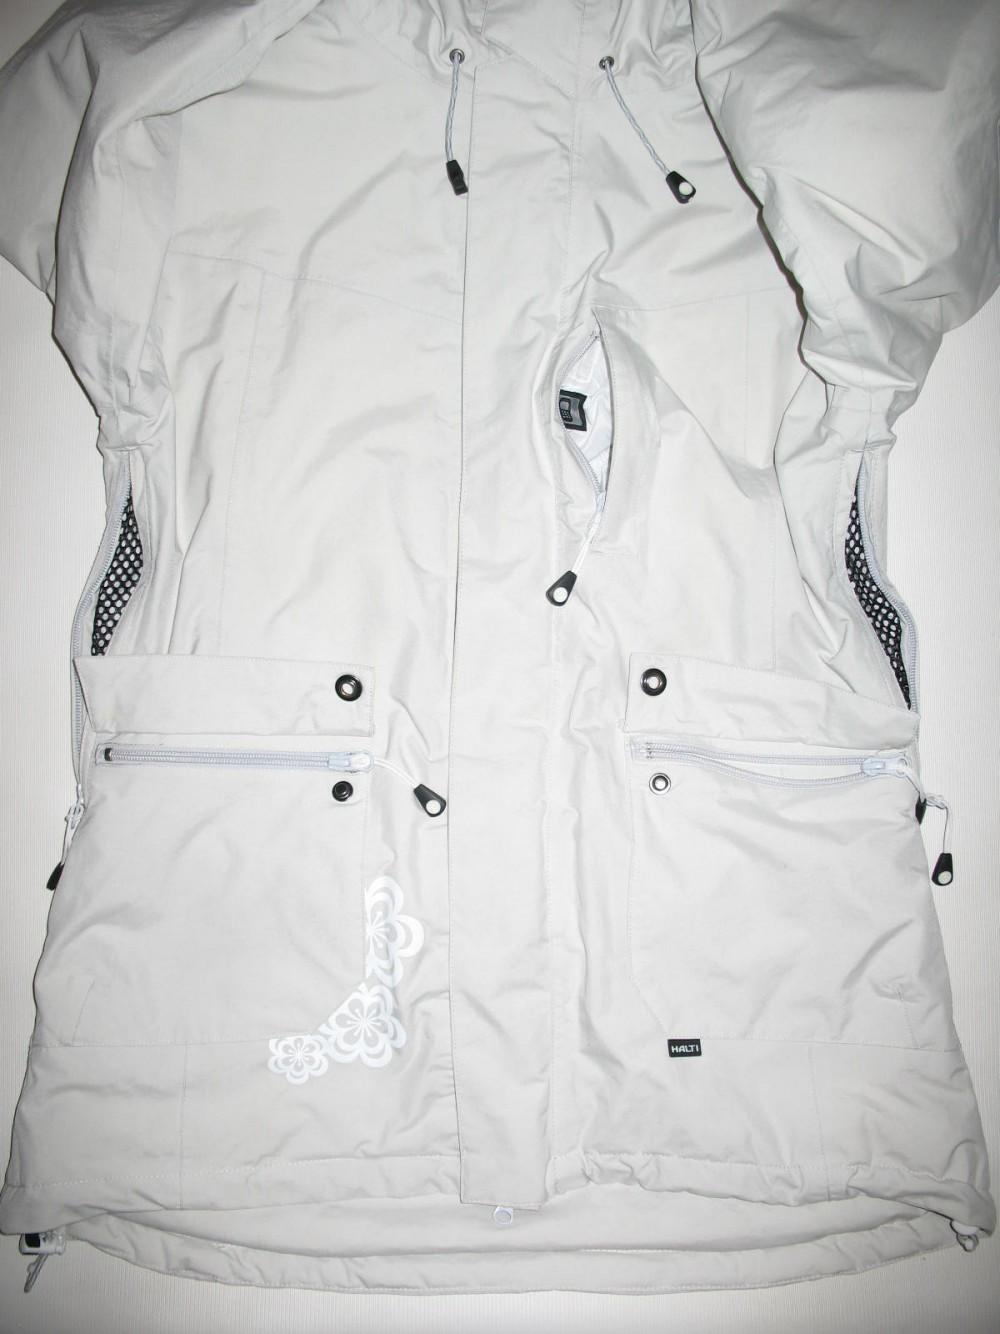 Куртка HALTI drymaxx ski jacket lady (размер L/M) - 3